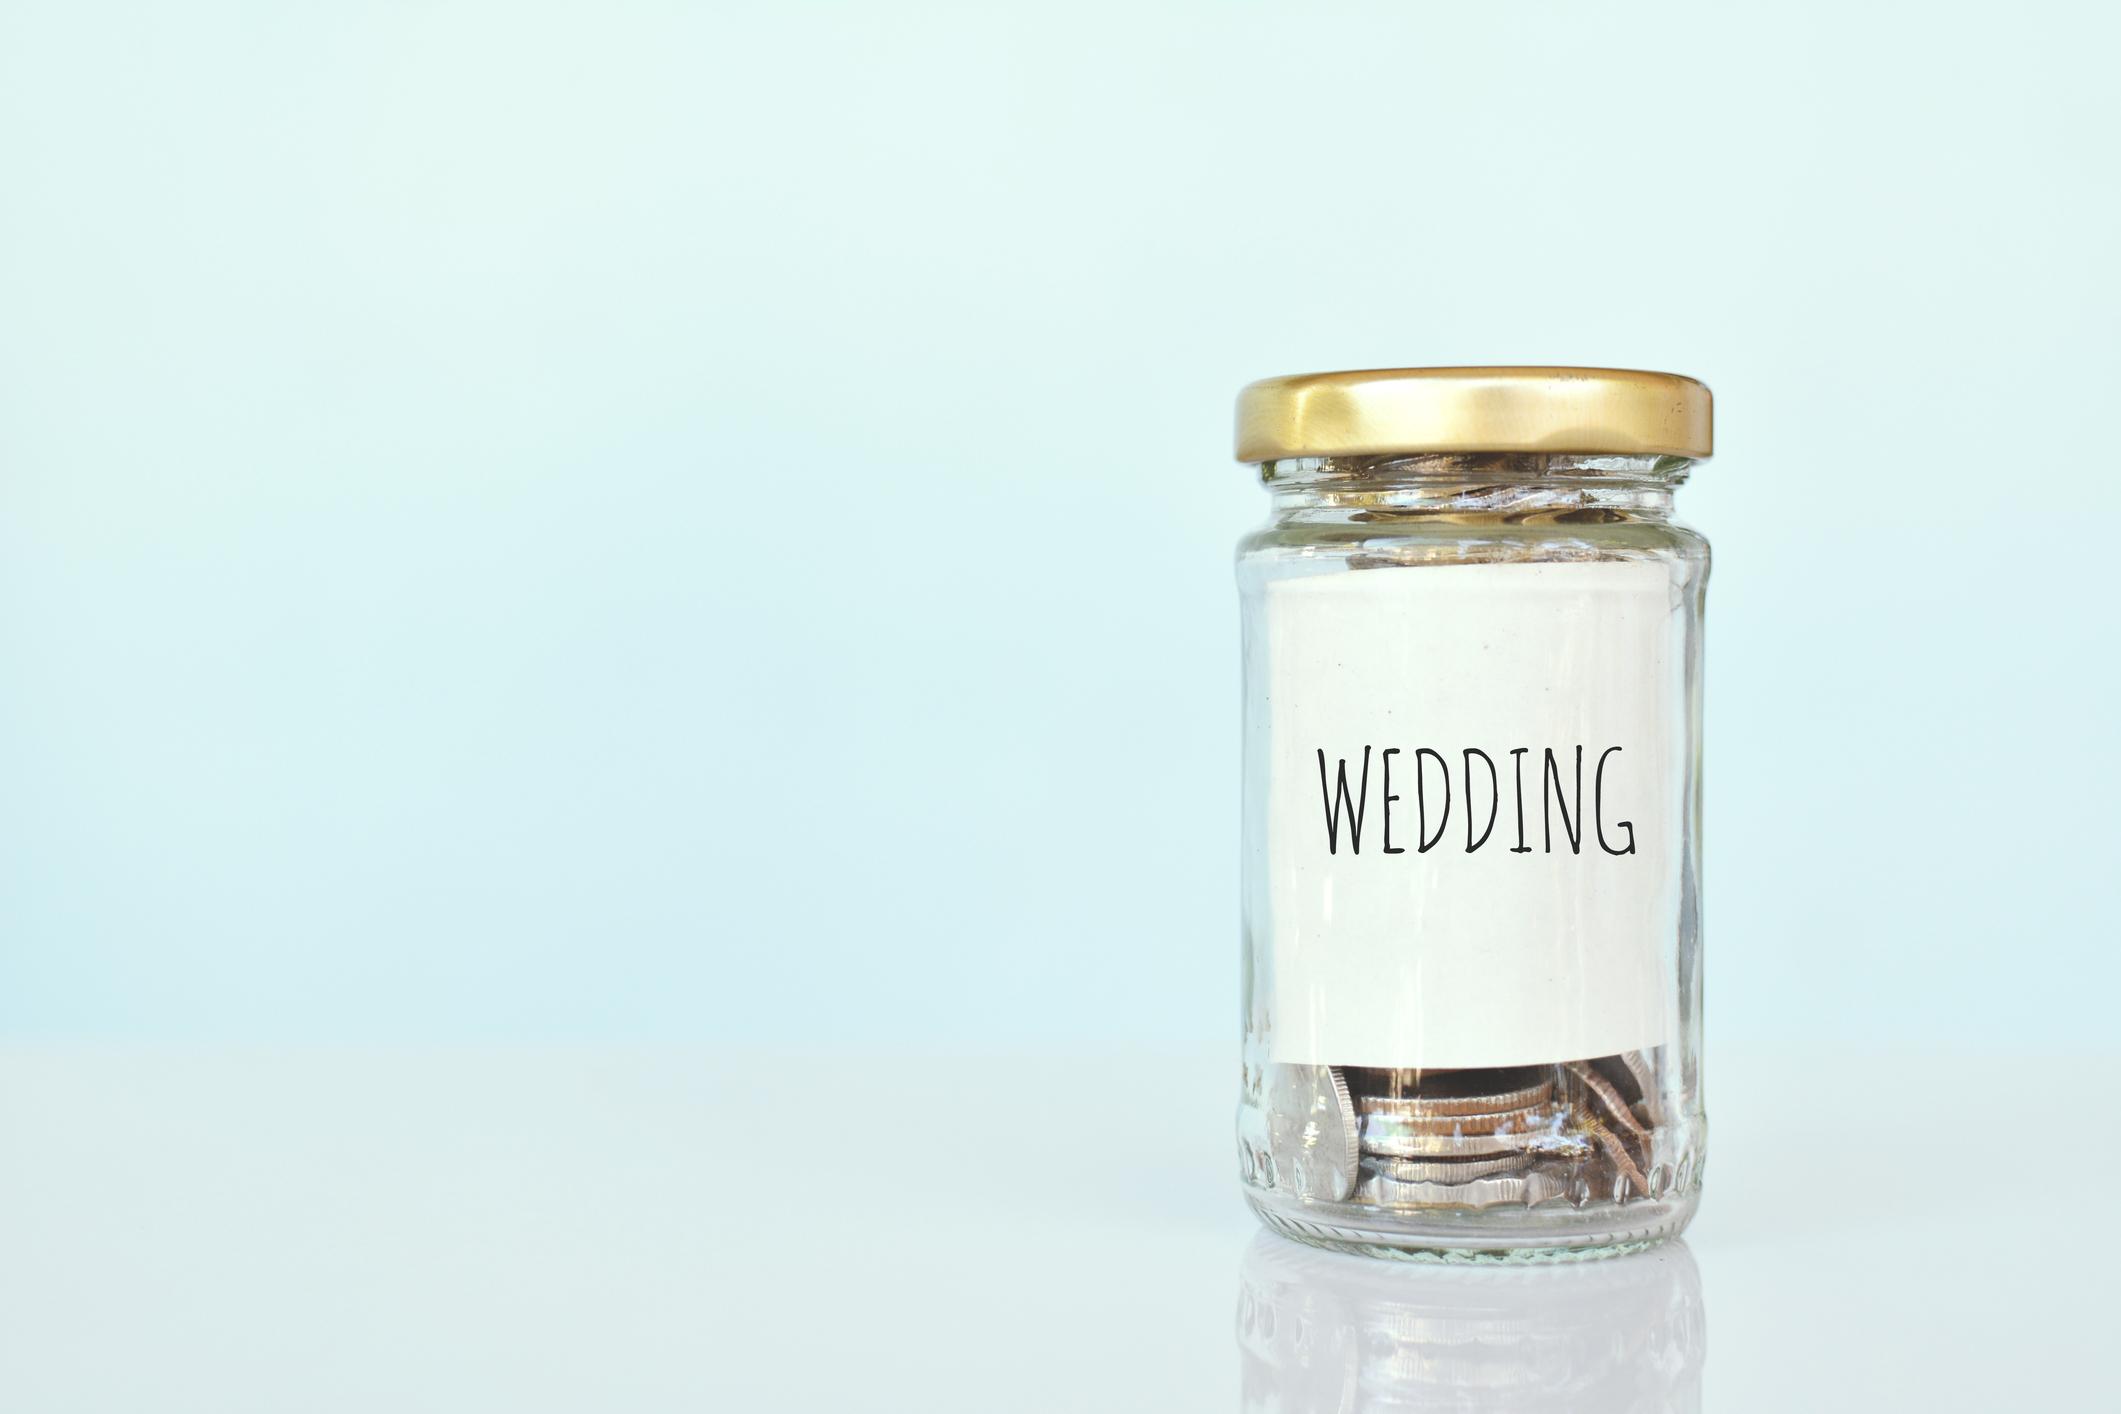 結婚式 持ち込み 可能 に する 裏技 持ち込み料